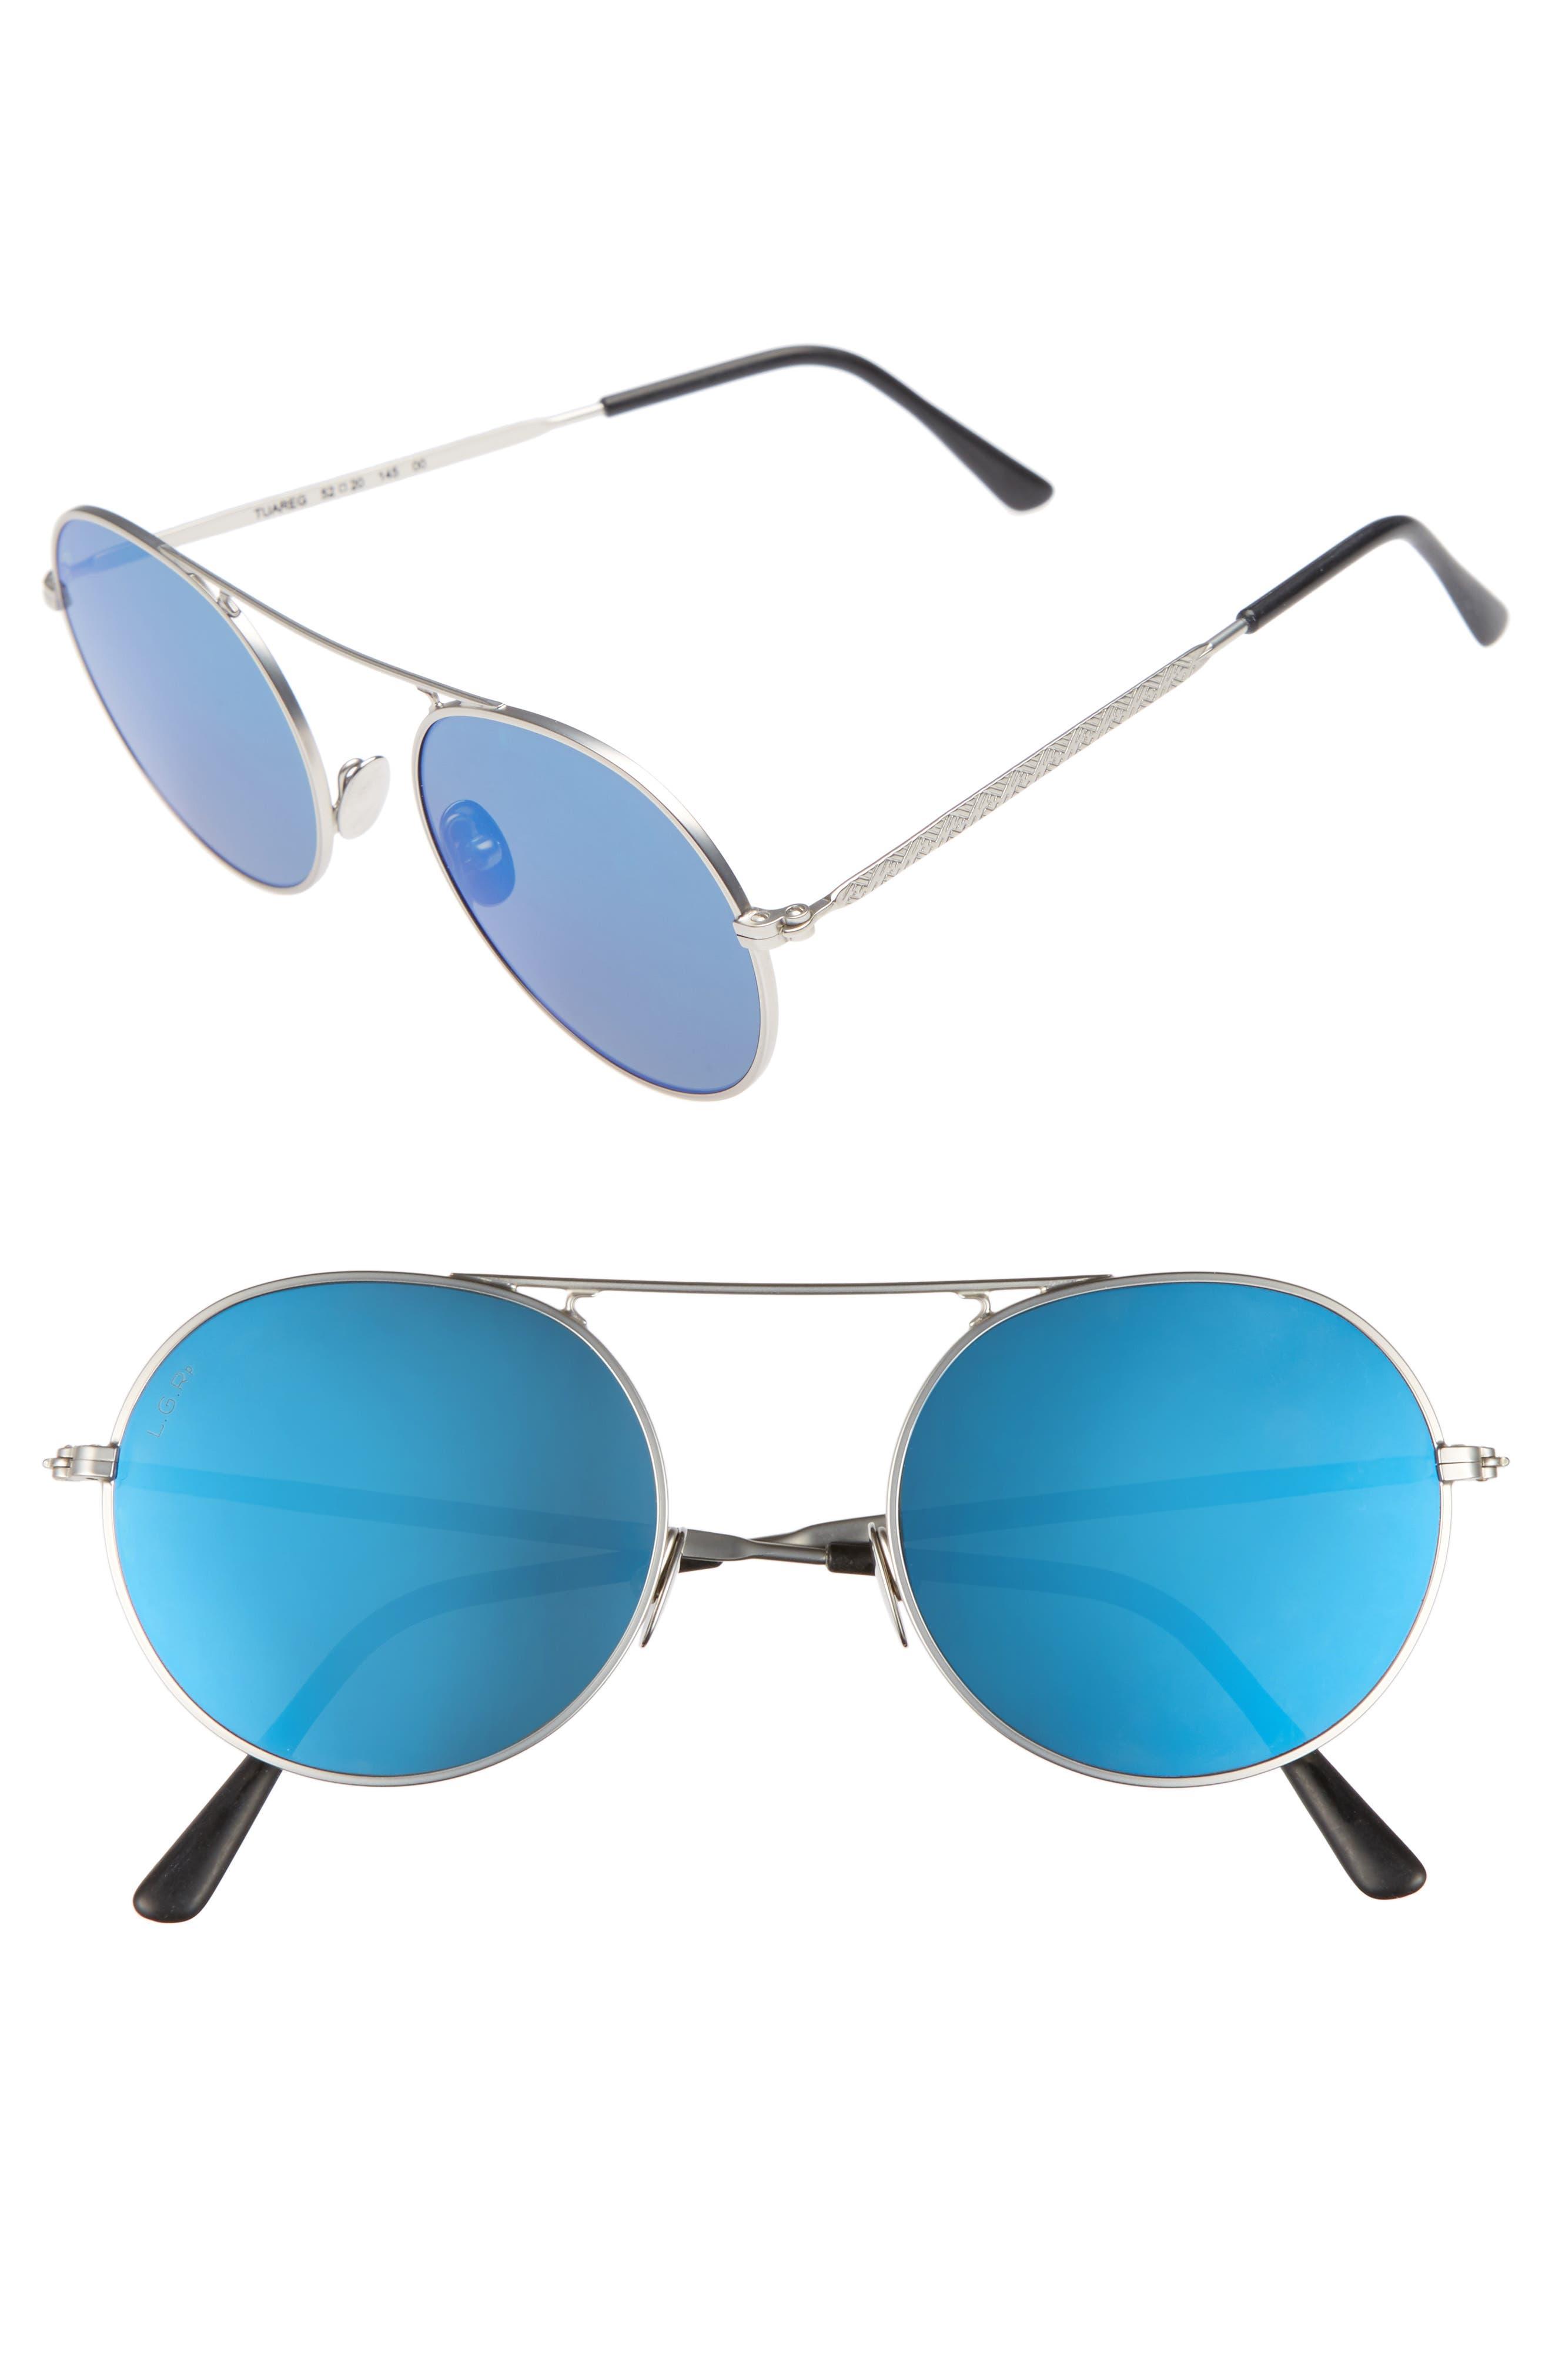 Tuareg 52mm Polarized Sunglasses,                         Main,                         color, 040